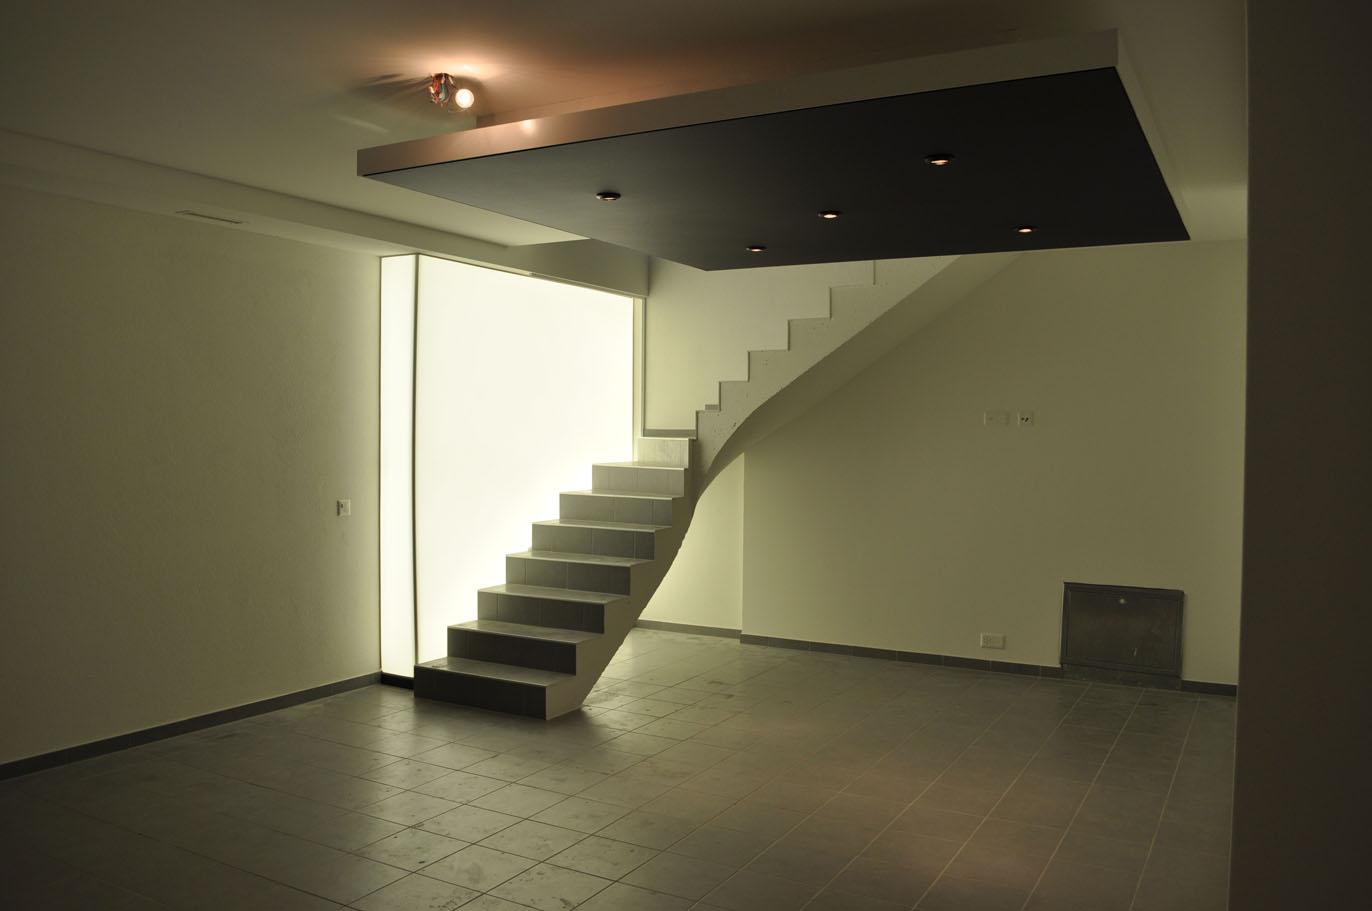 Comment poser un faux plafond faux plafond pvc salle de for Comment installer un faux plafond